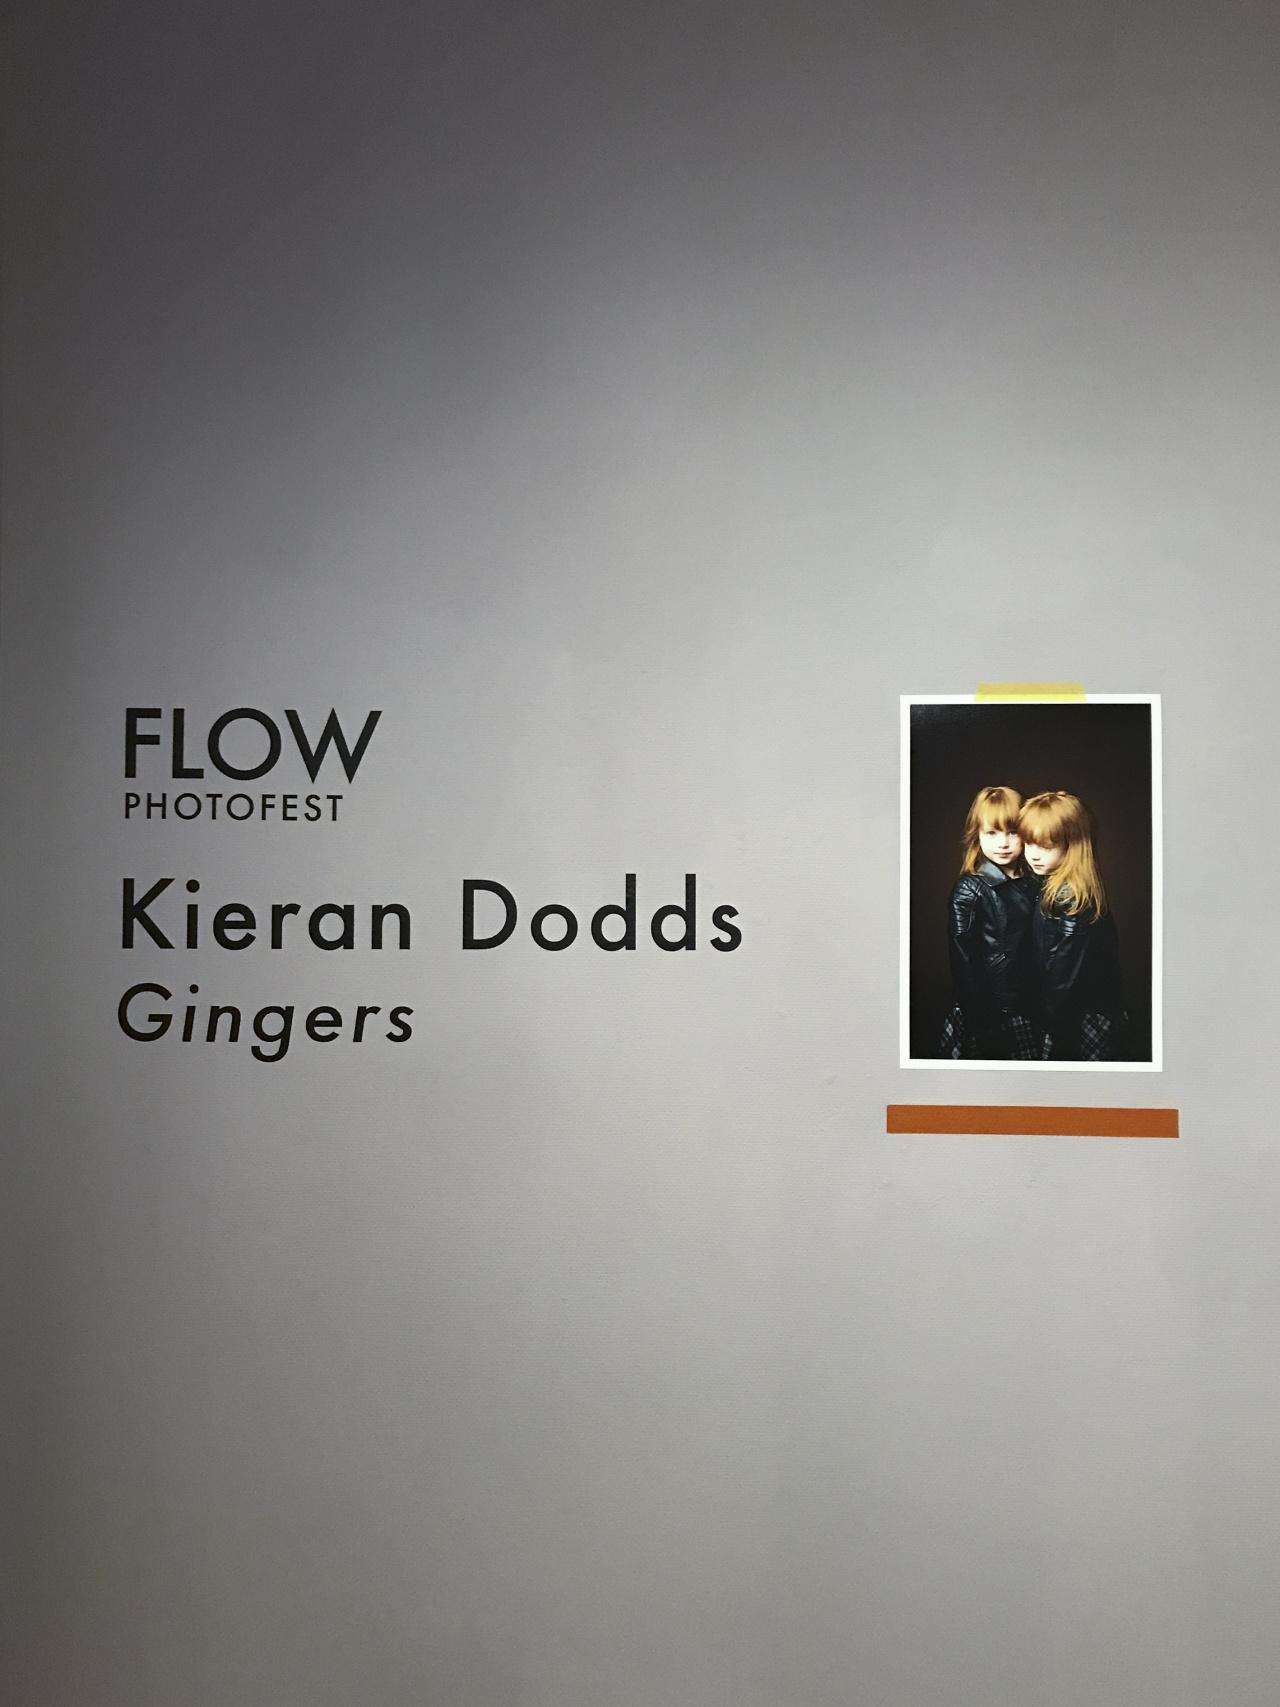 Kieran Dodds Gingers at Flow PhotoFest, Inverness, UK, September 2017